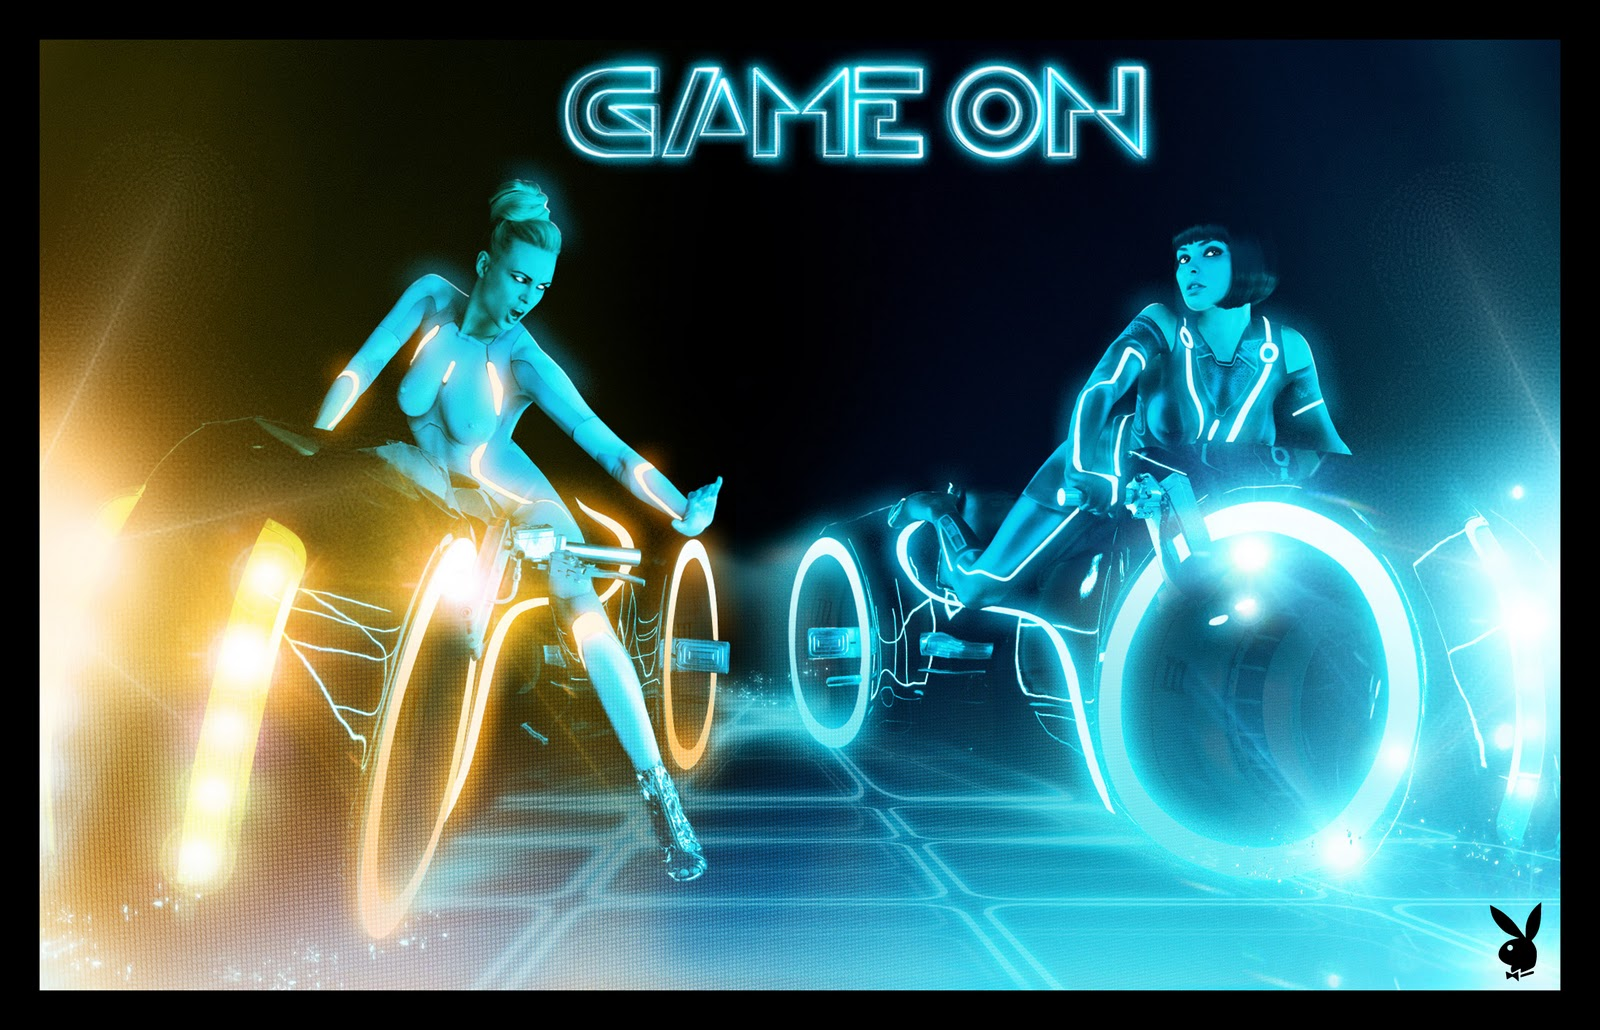 http://1.bp.blogspot.com/_iY-eIt87Ays/TQf1DCC8e8I/AAAAAAAAAaI/u0KKIMpy-4Y/s1600/GameOnWallpaper.jpg